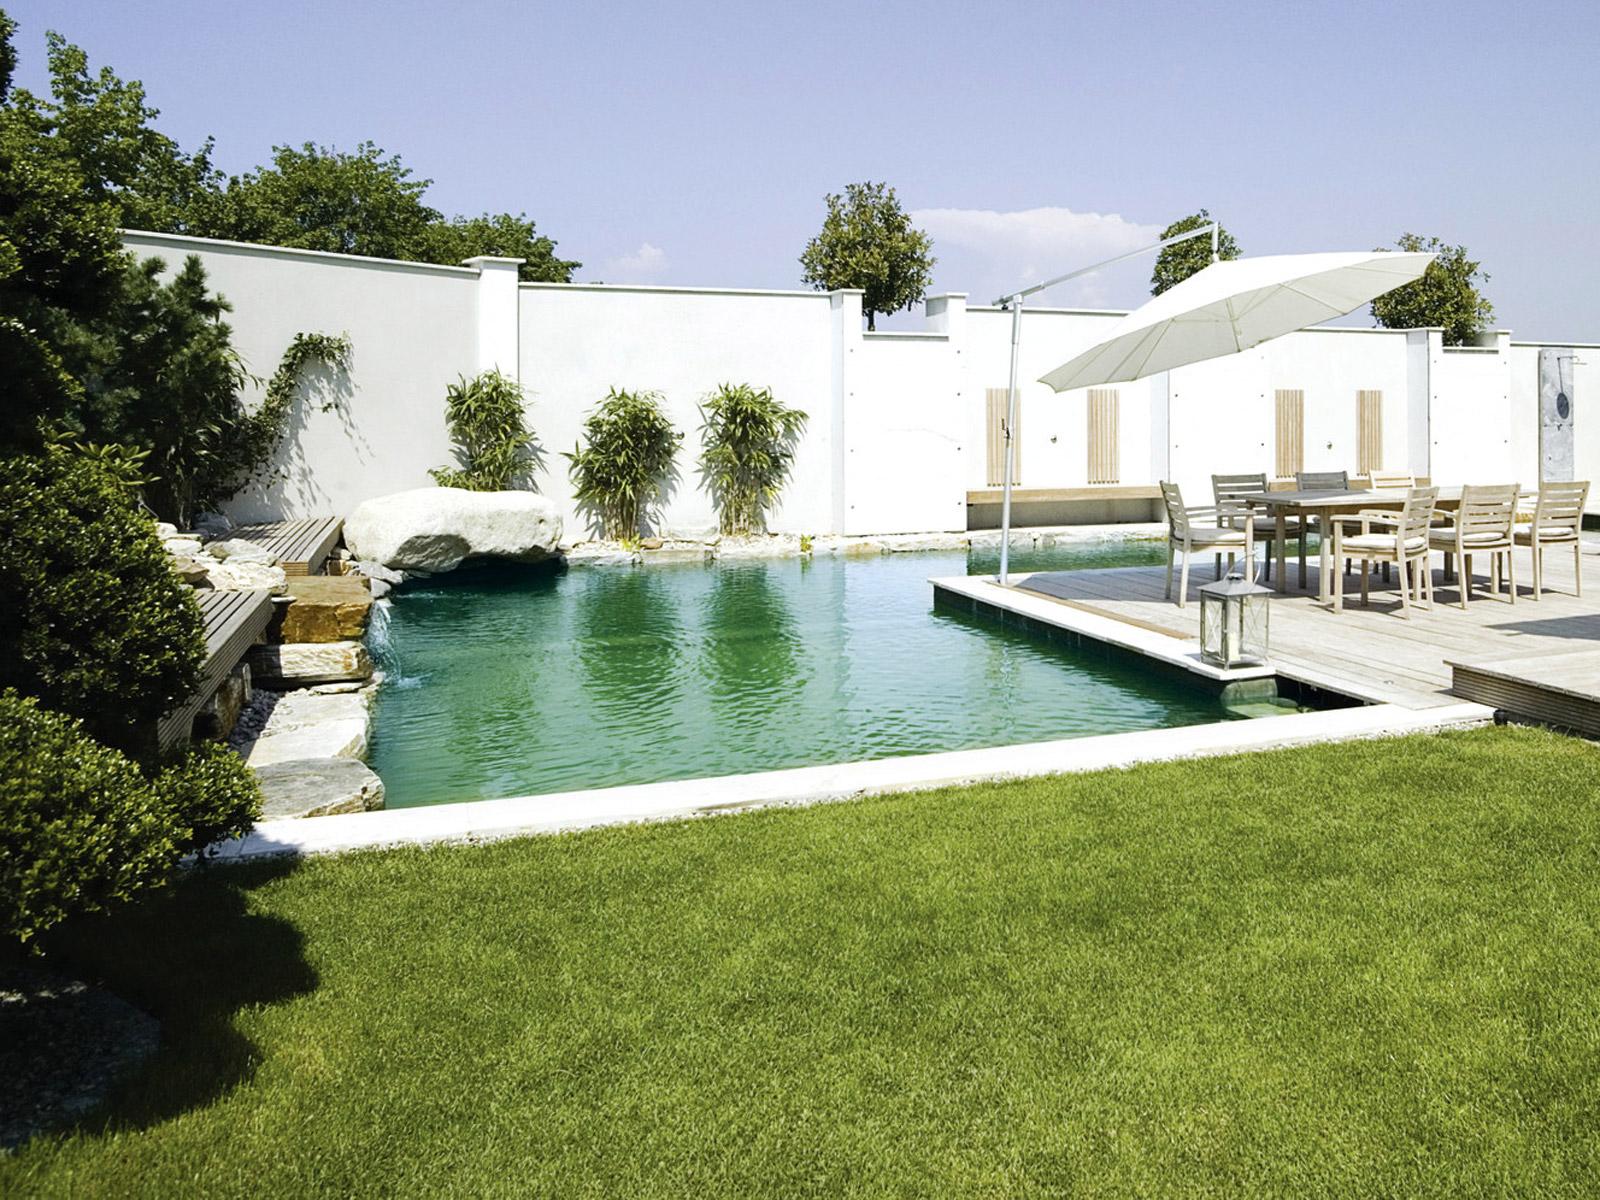 schwimmteich auf salzwasser umstellen schwimmbad und saunen. Black Bedroom Furniture Sets. Home Design Ideas